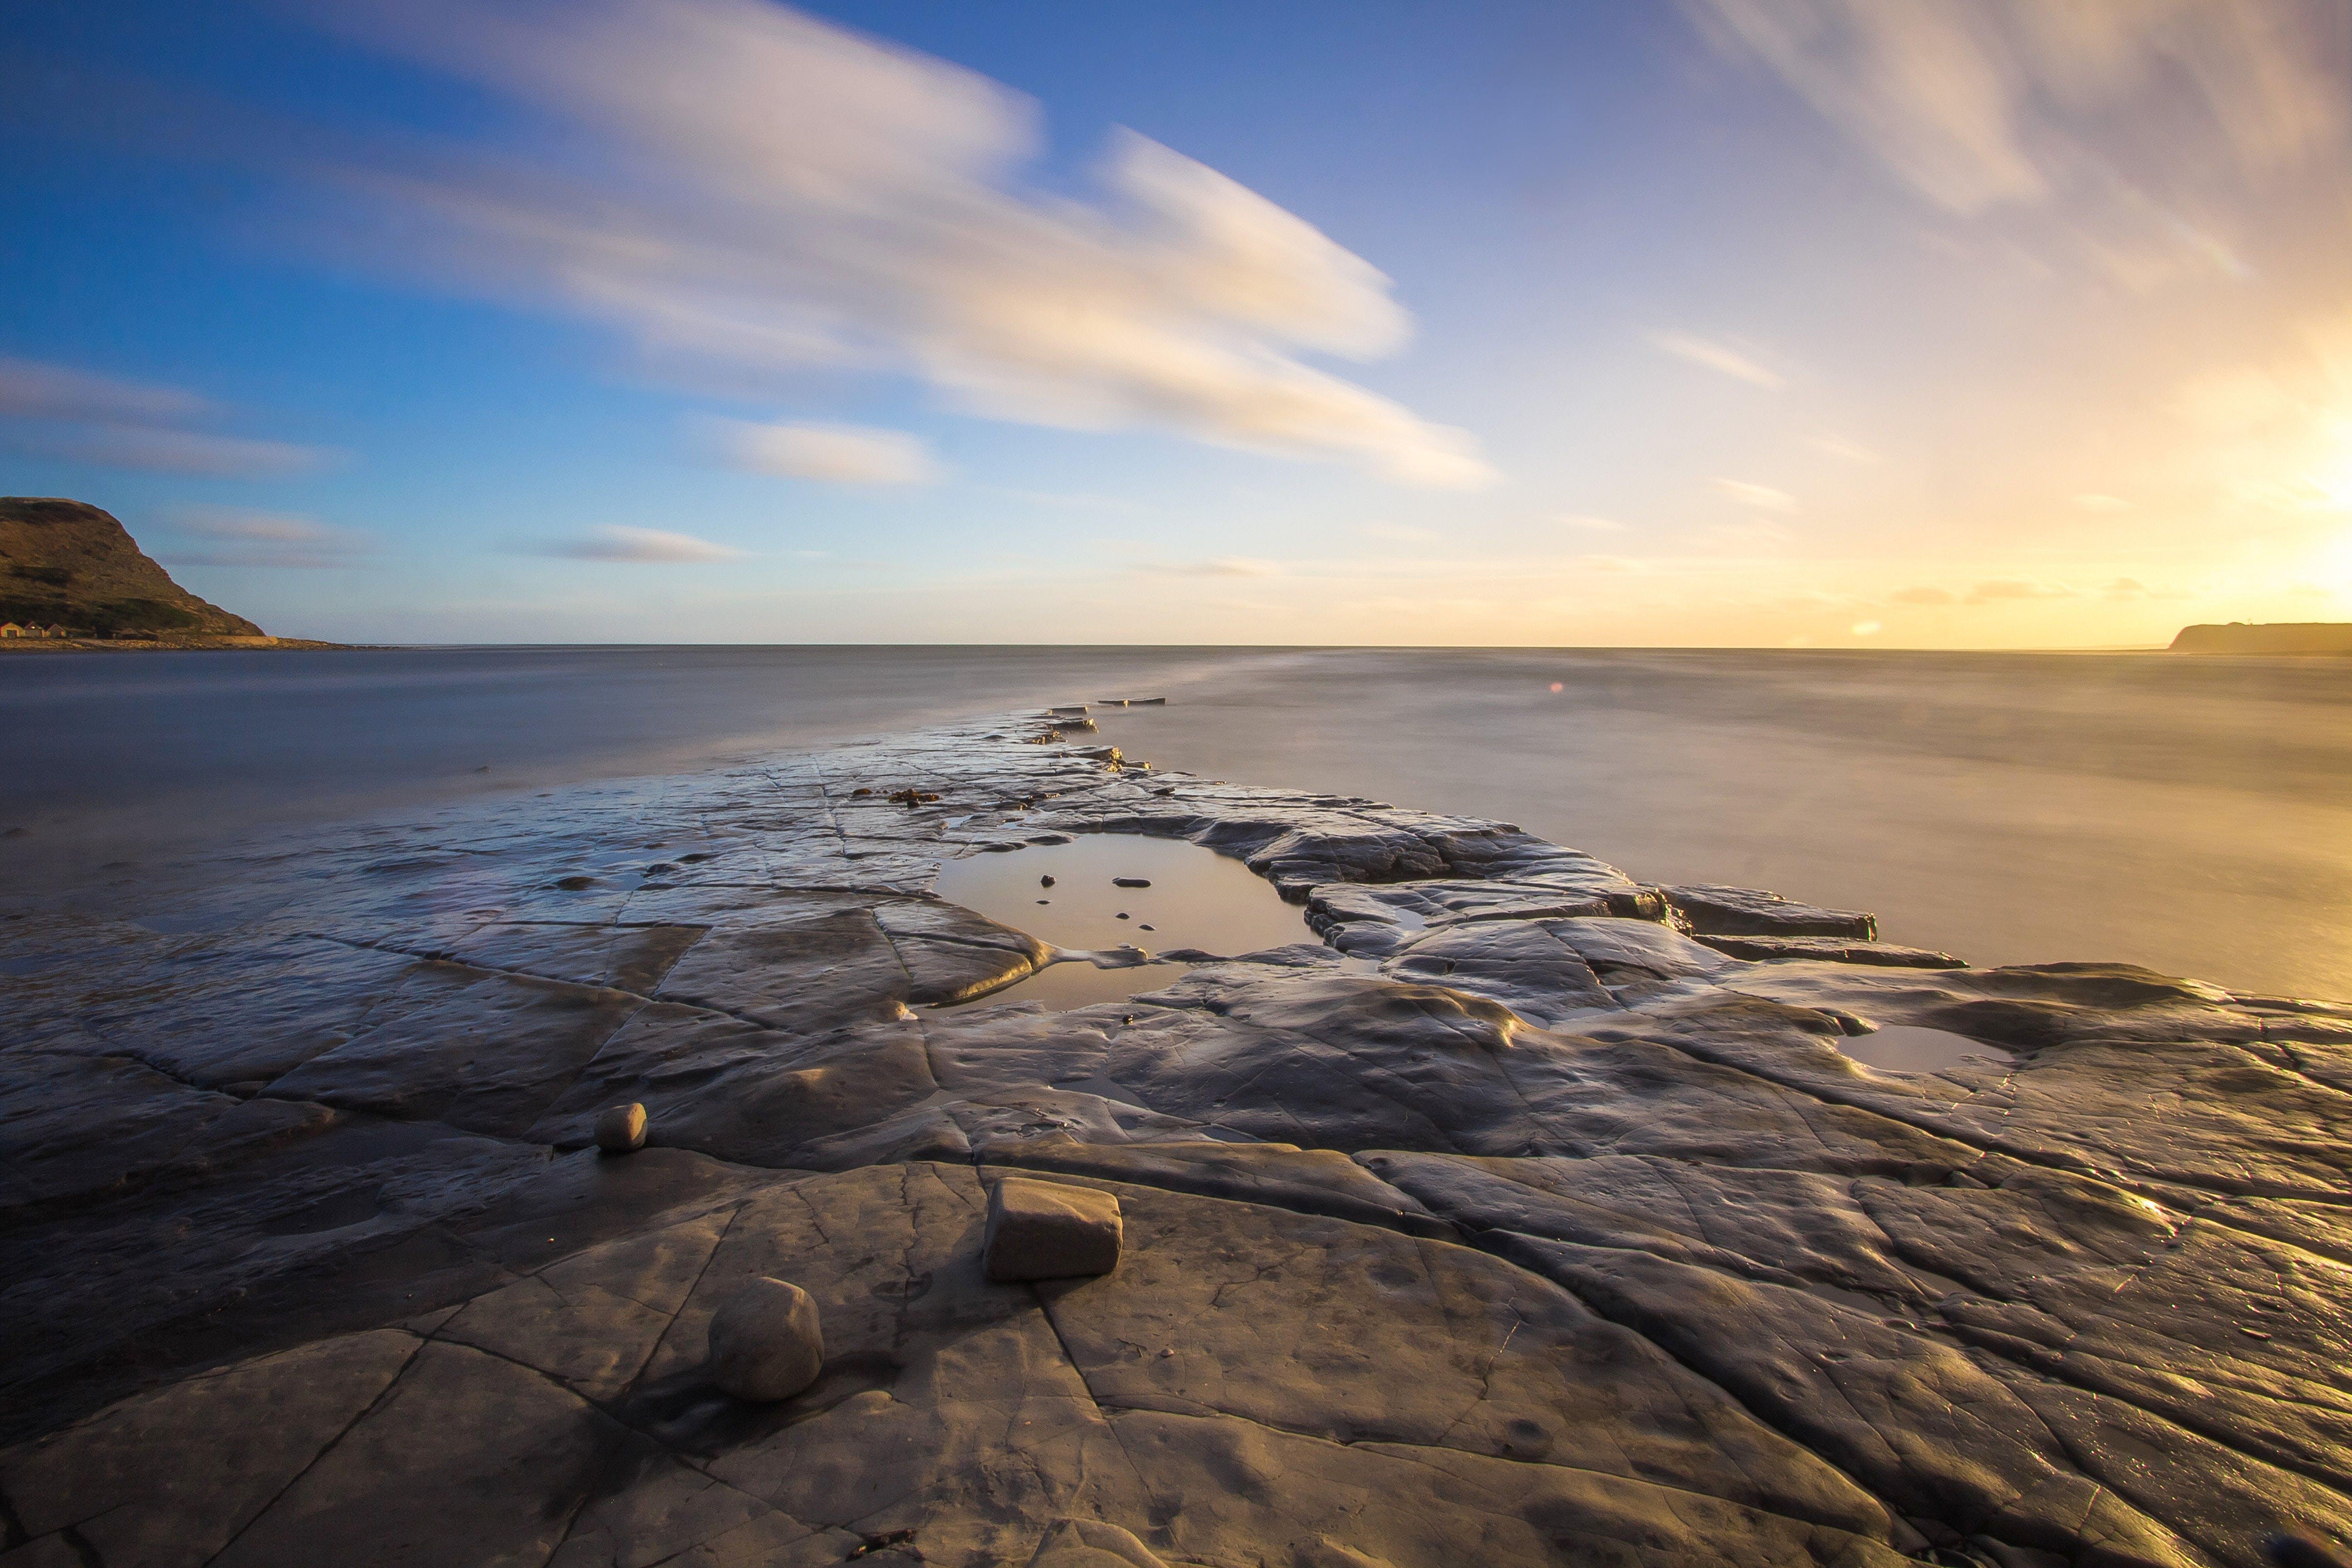 Fotos de stock gratuitas de agua, amanecer, arena, bahía